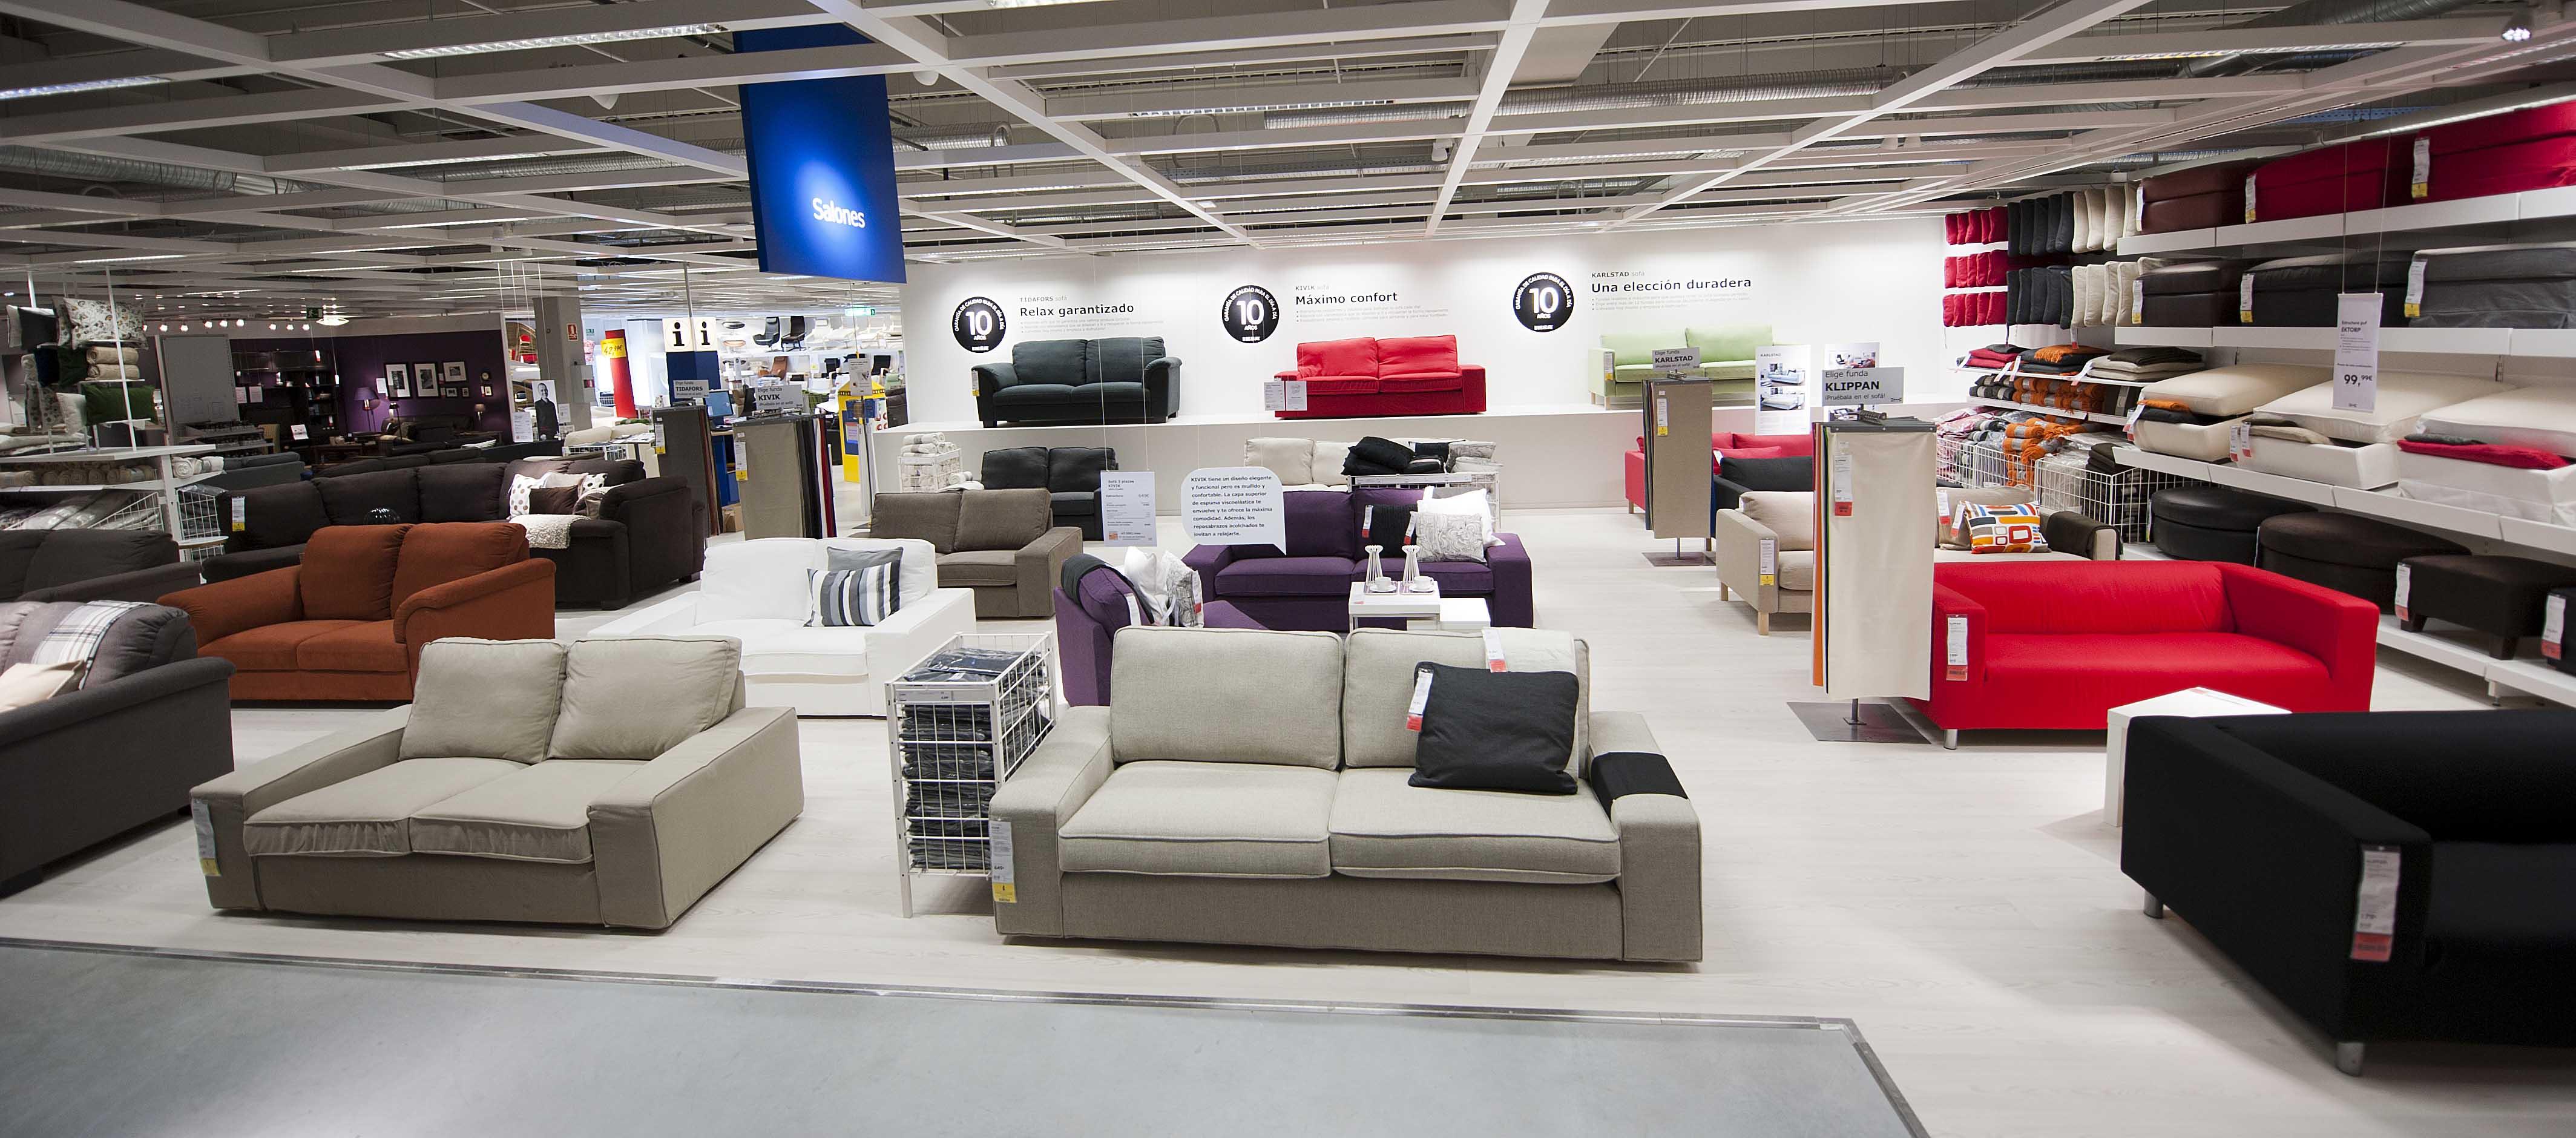 tiendas sofas madrid sur sofa tables with chairs ikea redecora su negocio se abre a la venta de segunda